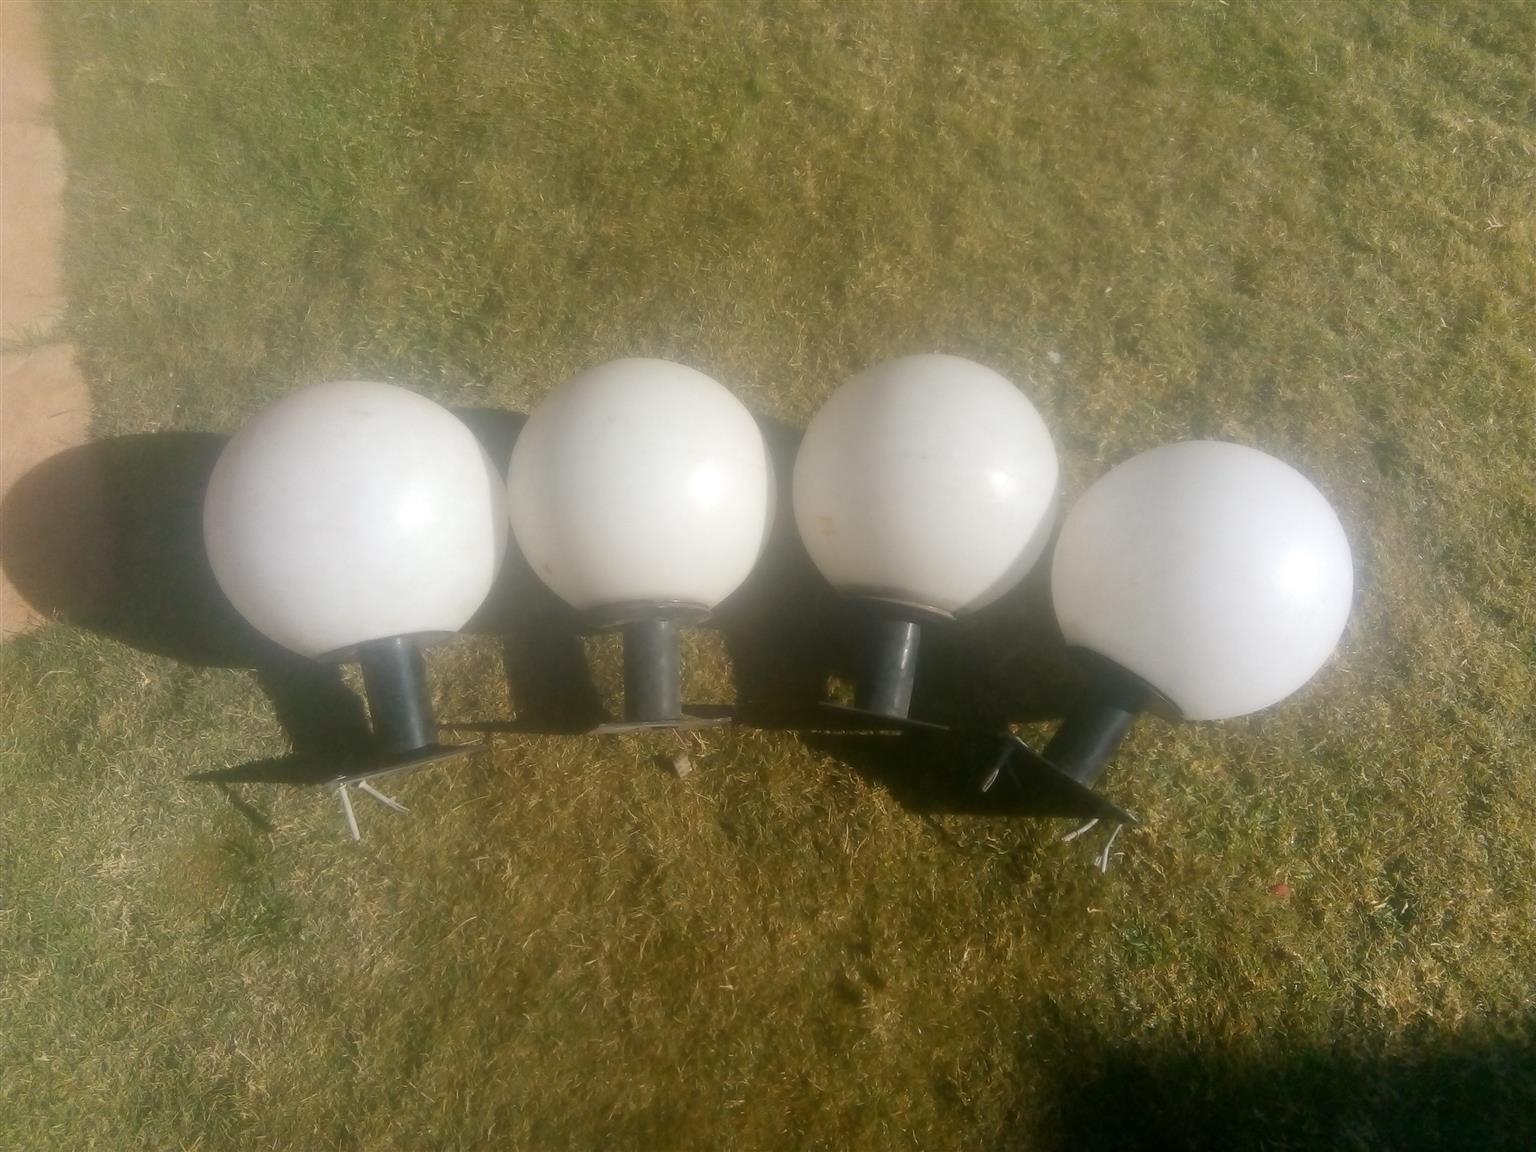 4x garden lights